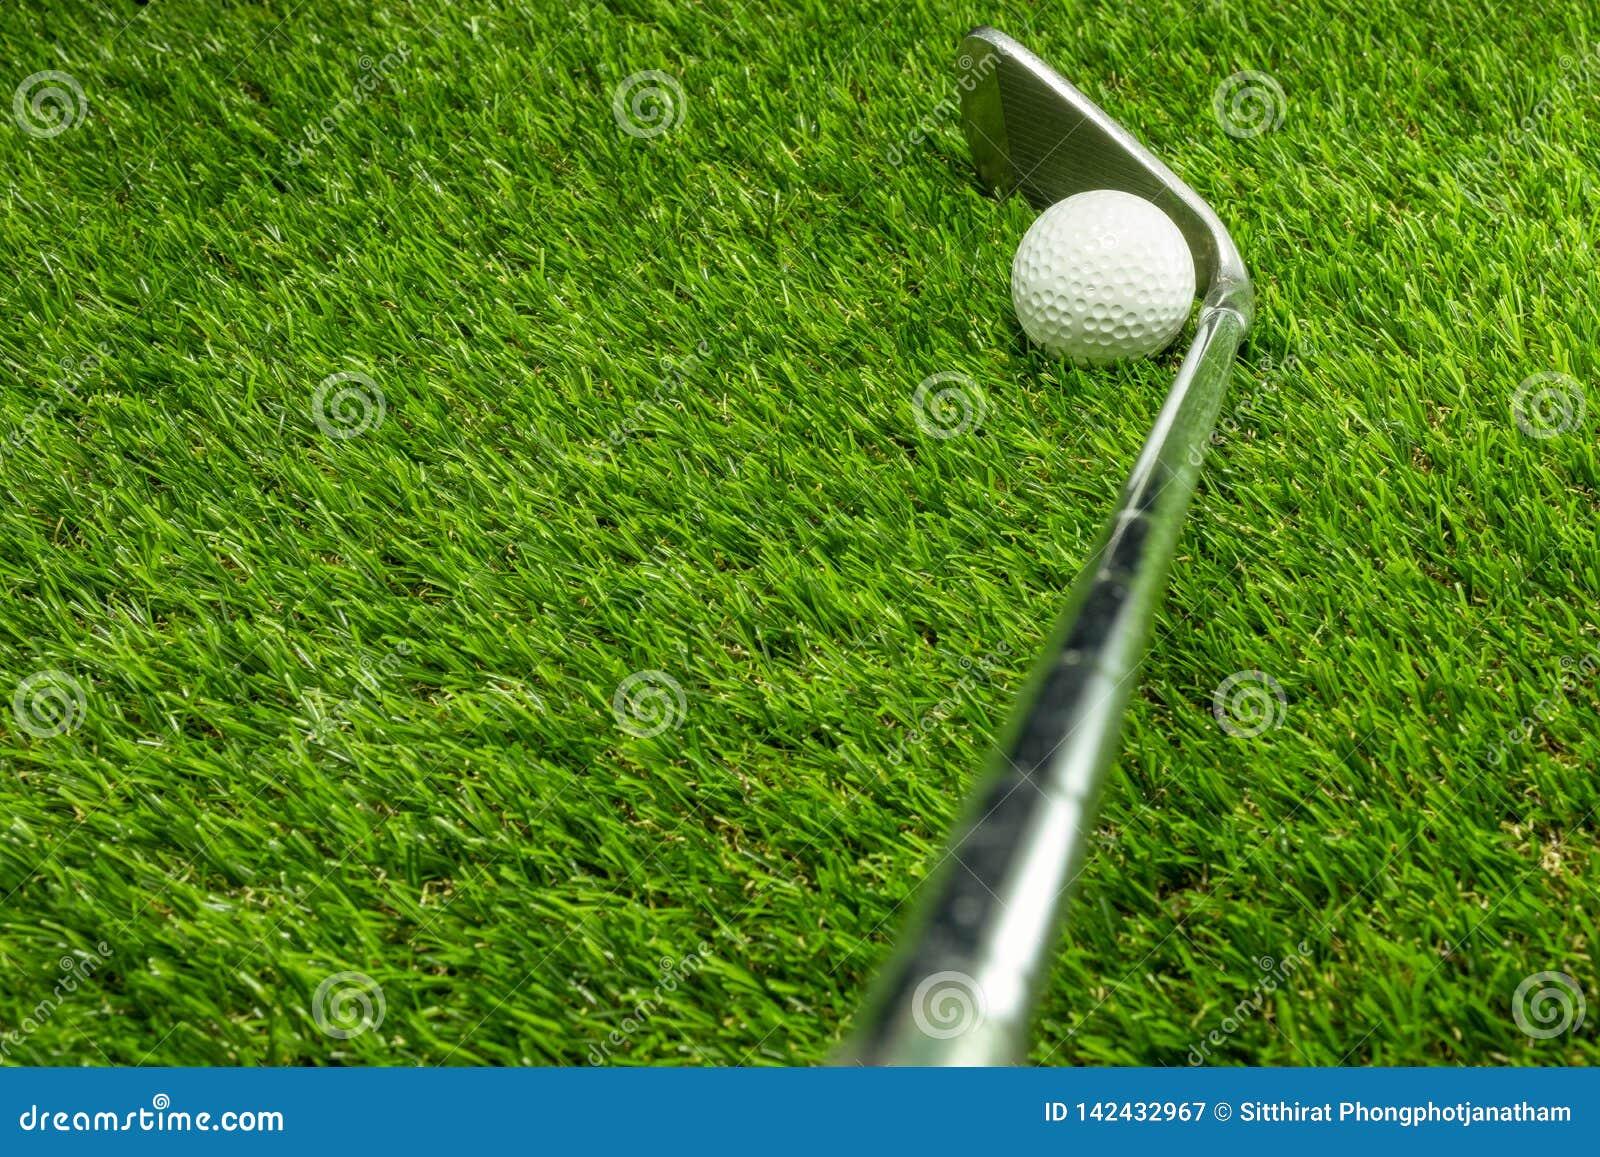 高尔夫球和高尔夫俱乐部在草